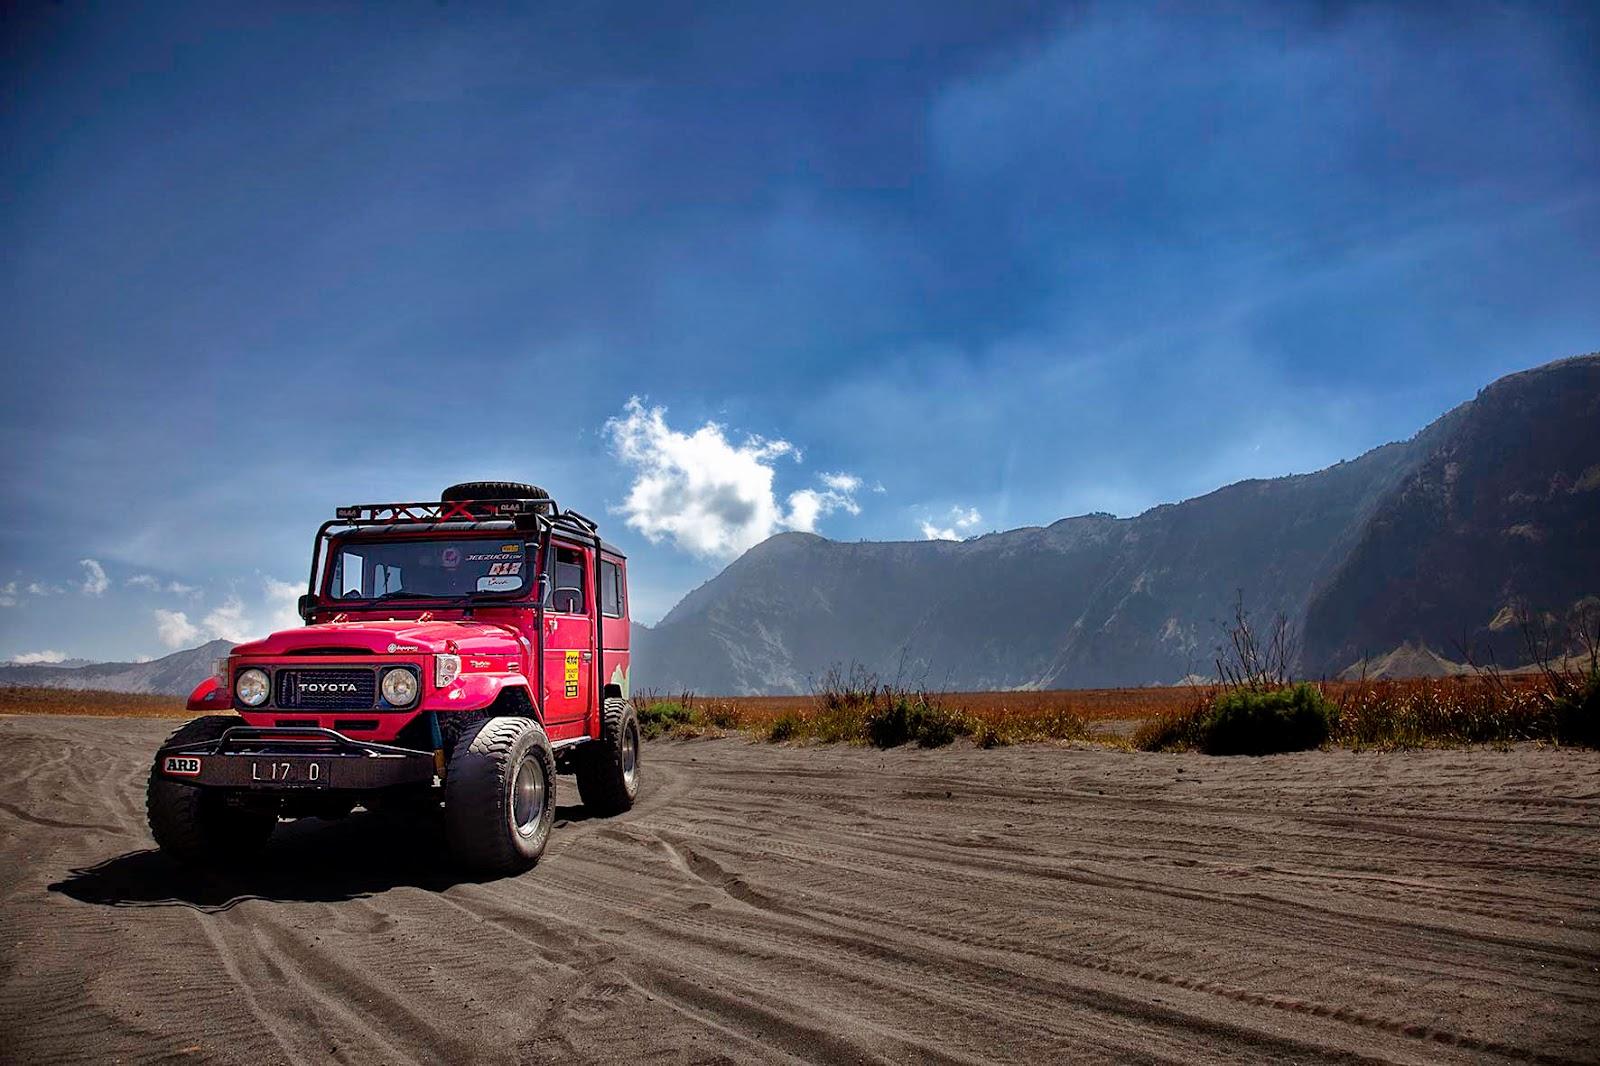 Jasa Persewaan Jeep Di Bromo